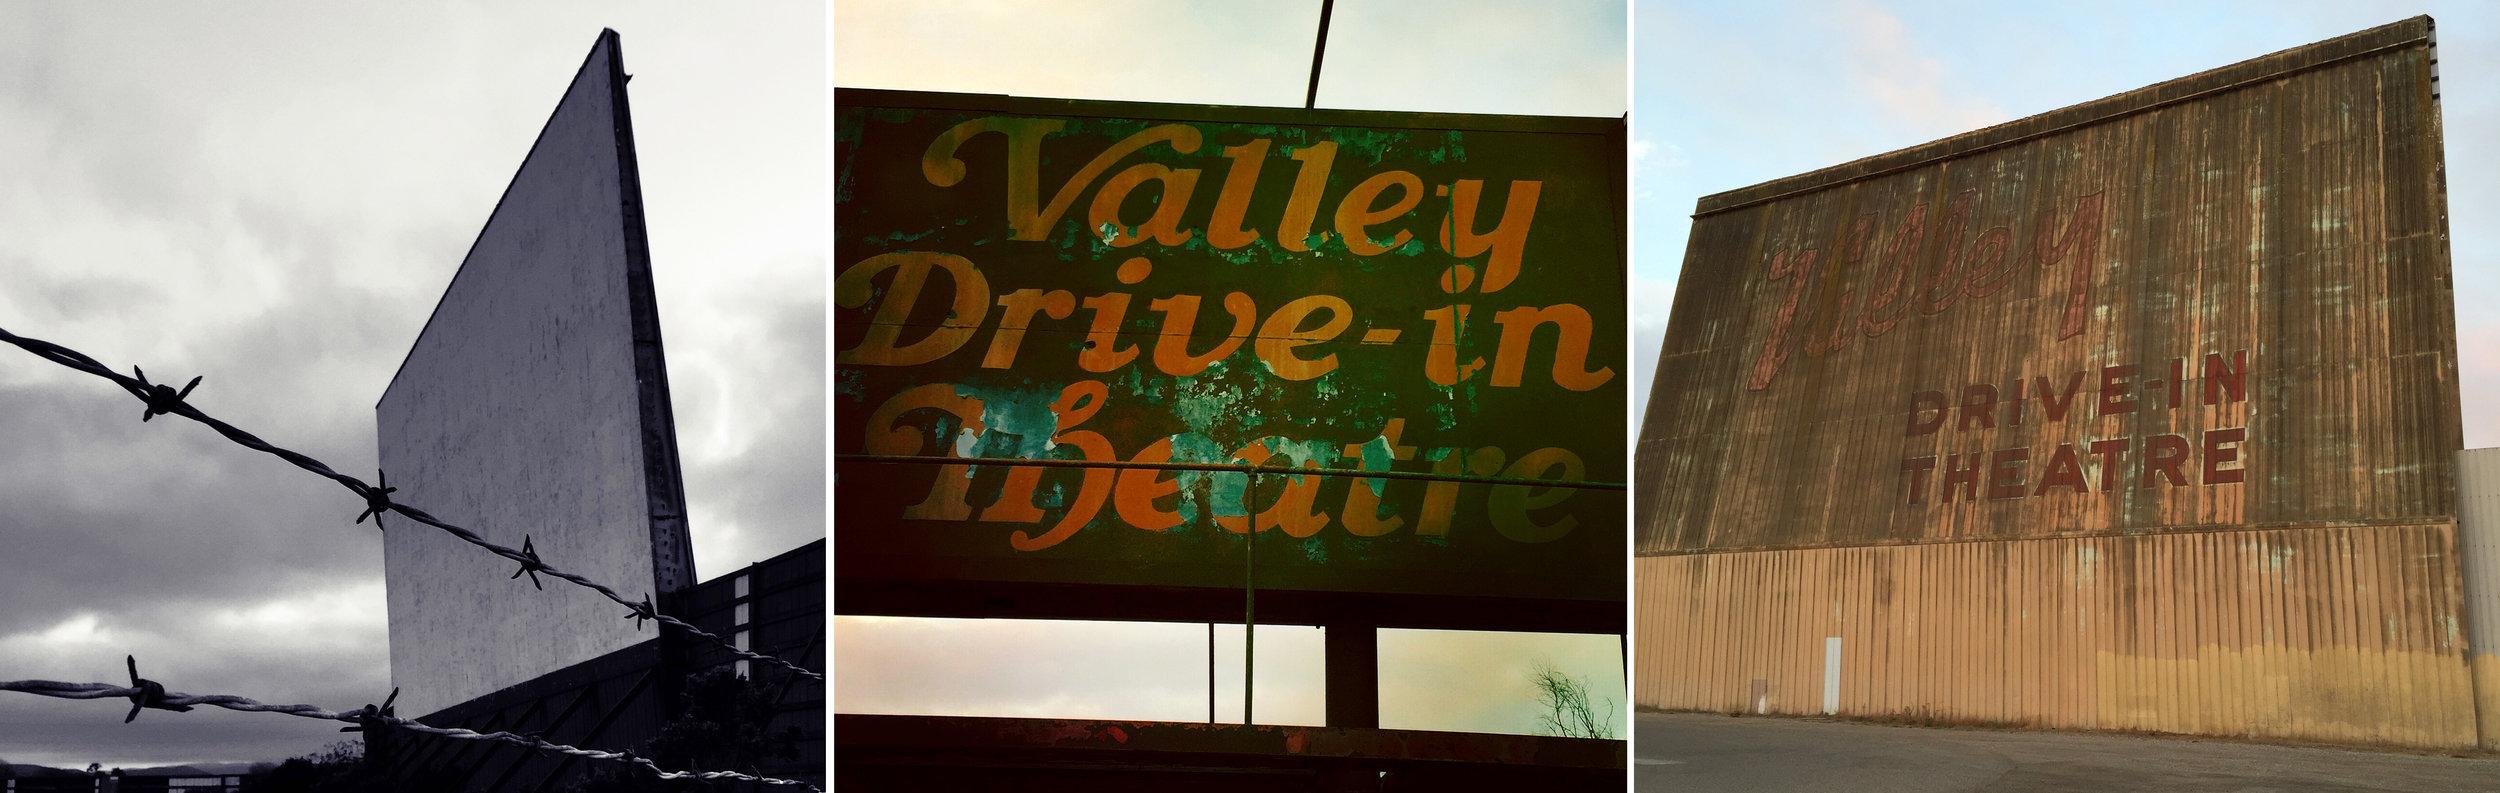 drivein2.jpg